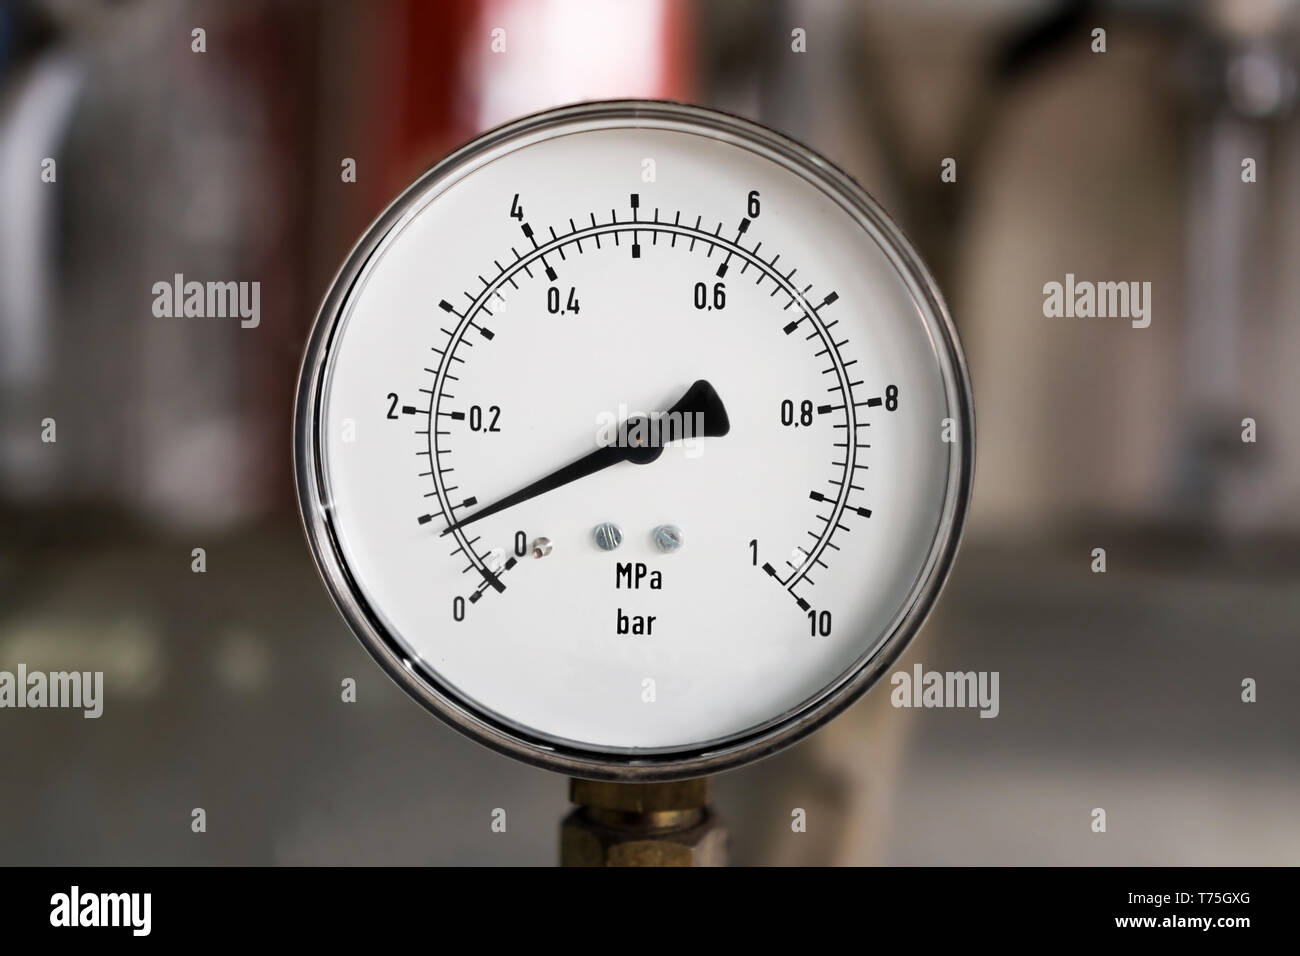 Metal industrial pressure gauge - Stock Image